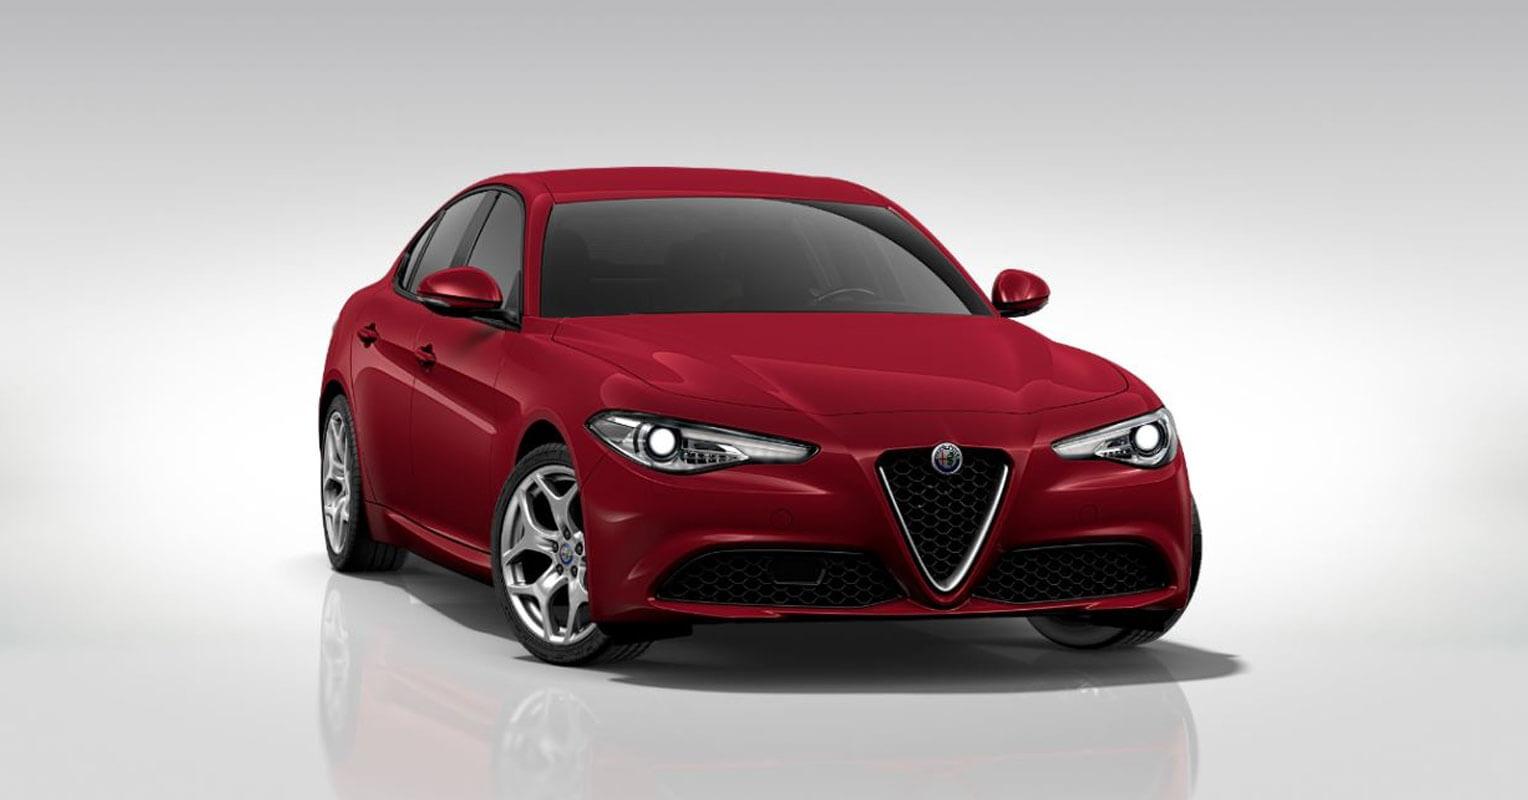 Los 8 rivales del Opel Insignia Grand Sport - Alfa Romeo Giulia